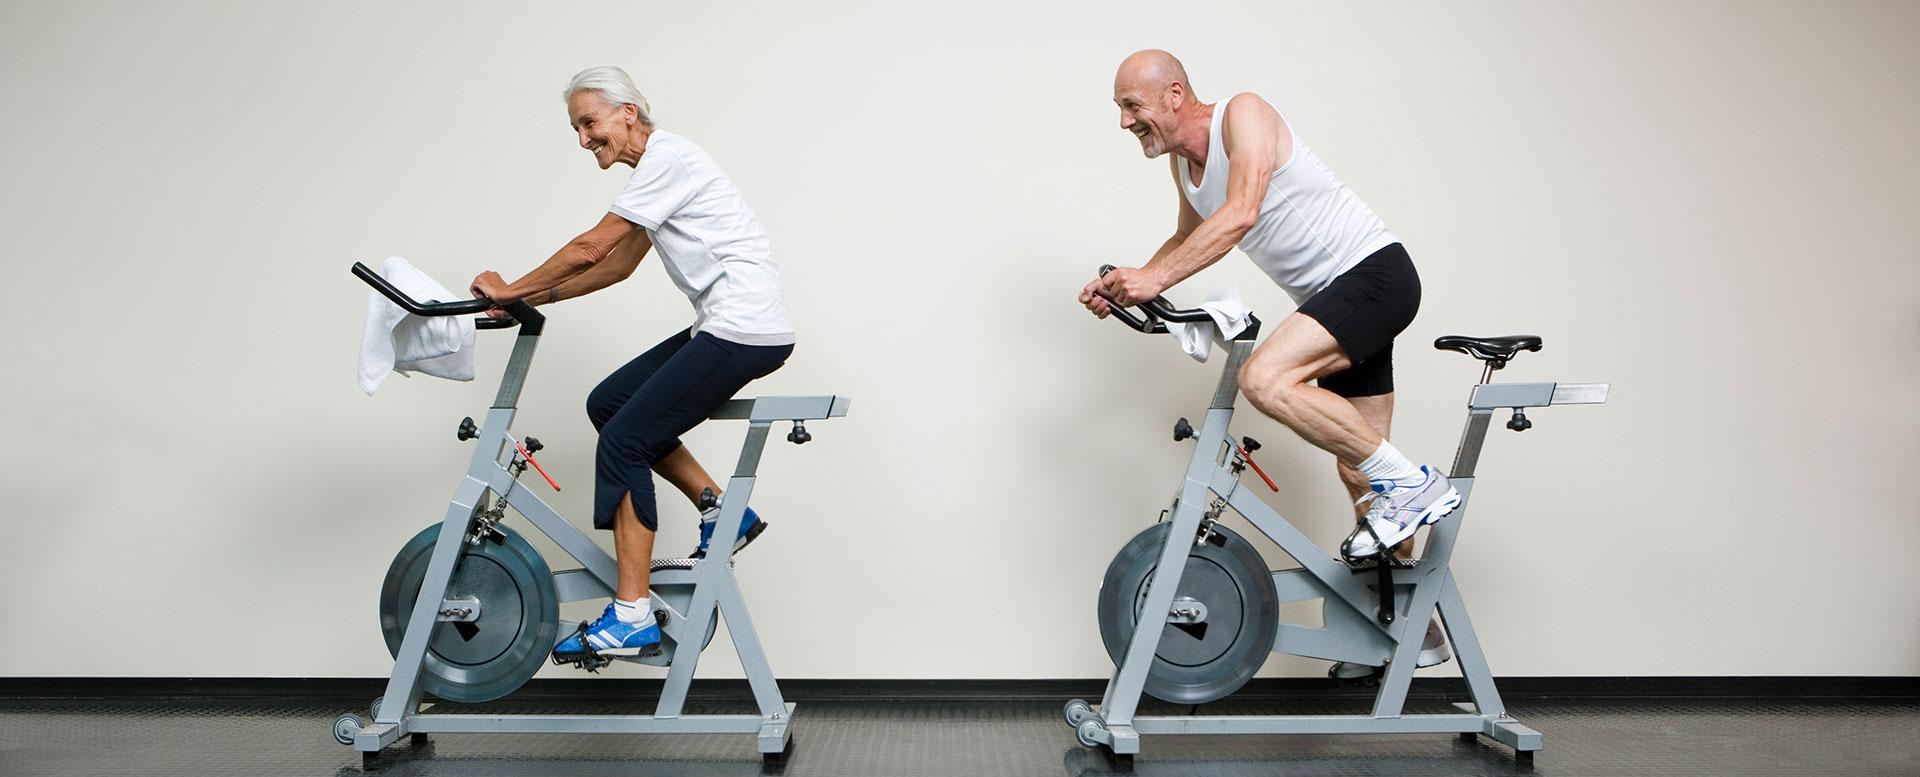 Fröhliche Senioren beim Fitnesstraining